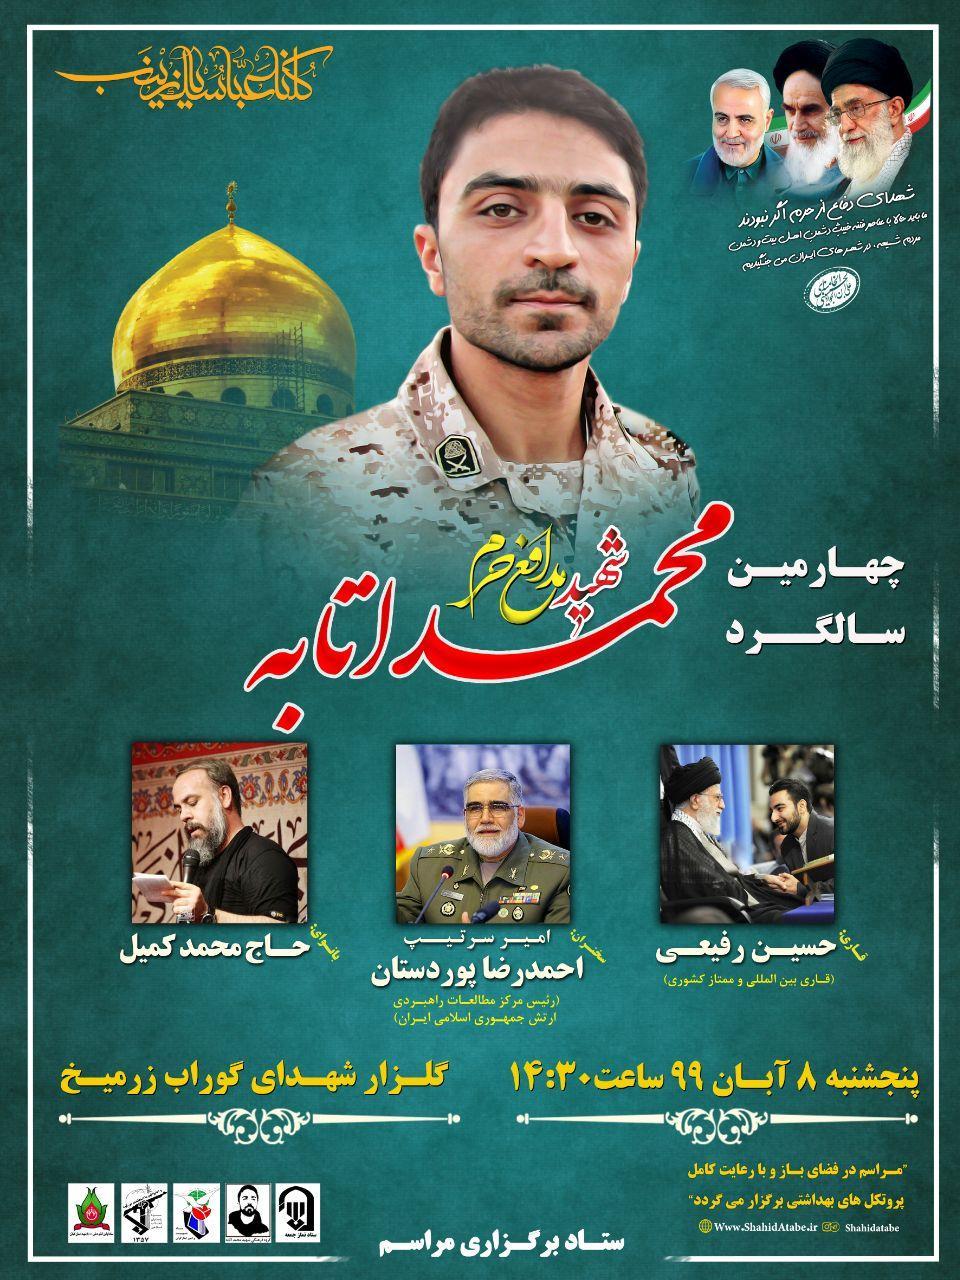 چهارمین سالگرد شهید محمد اتابه برگزار می شود